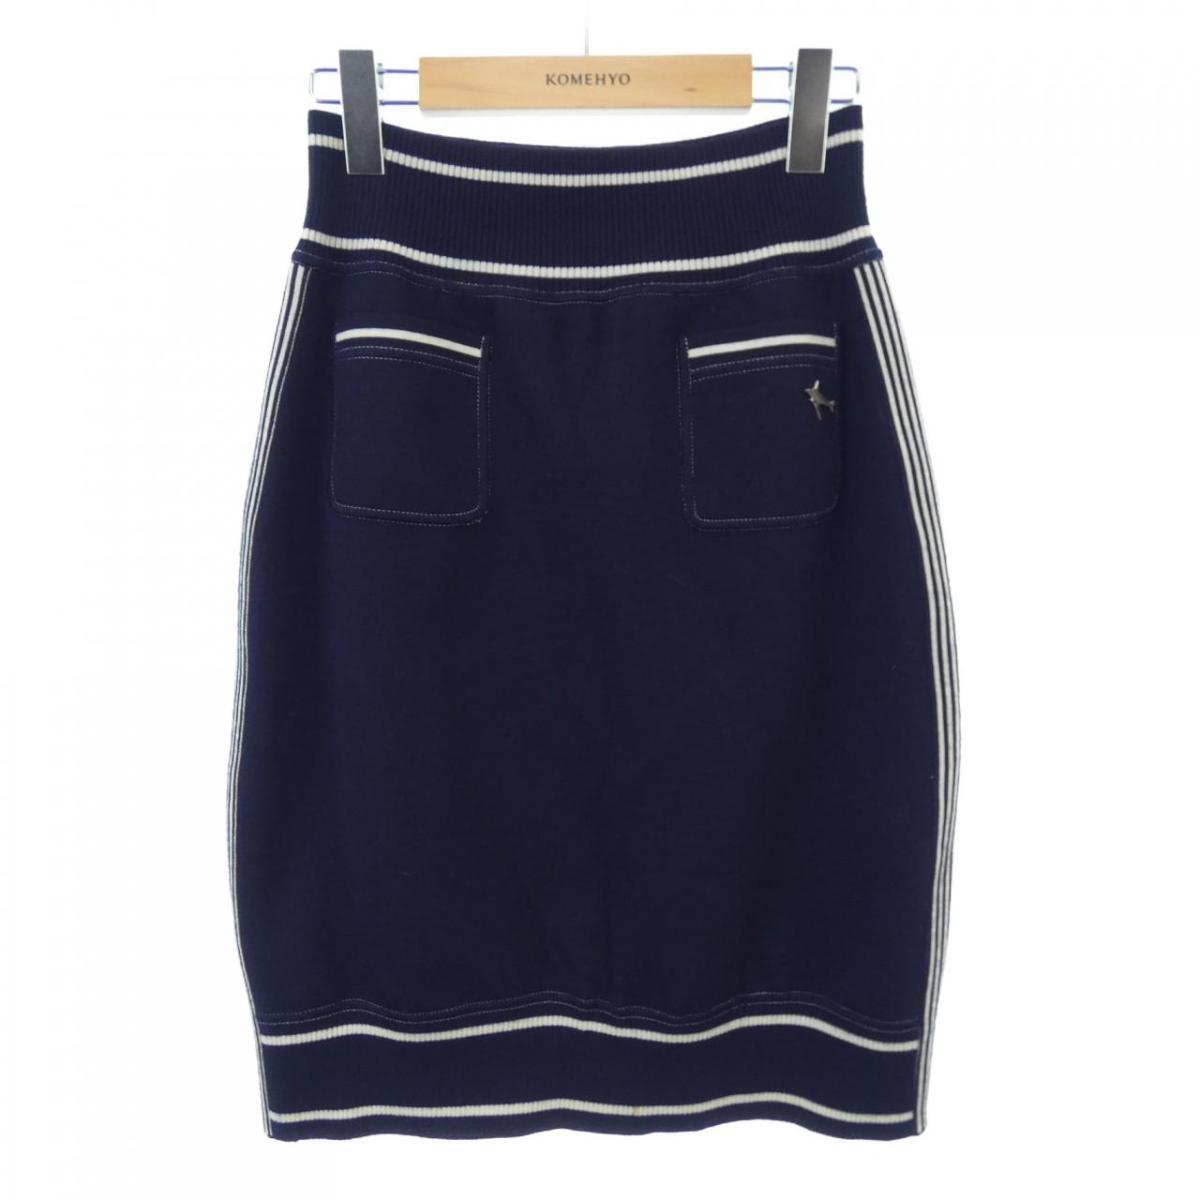 人気急上昇 シャネル CHANEL スカート 再販ご予約限定送料無料 中古